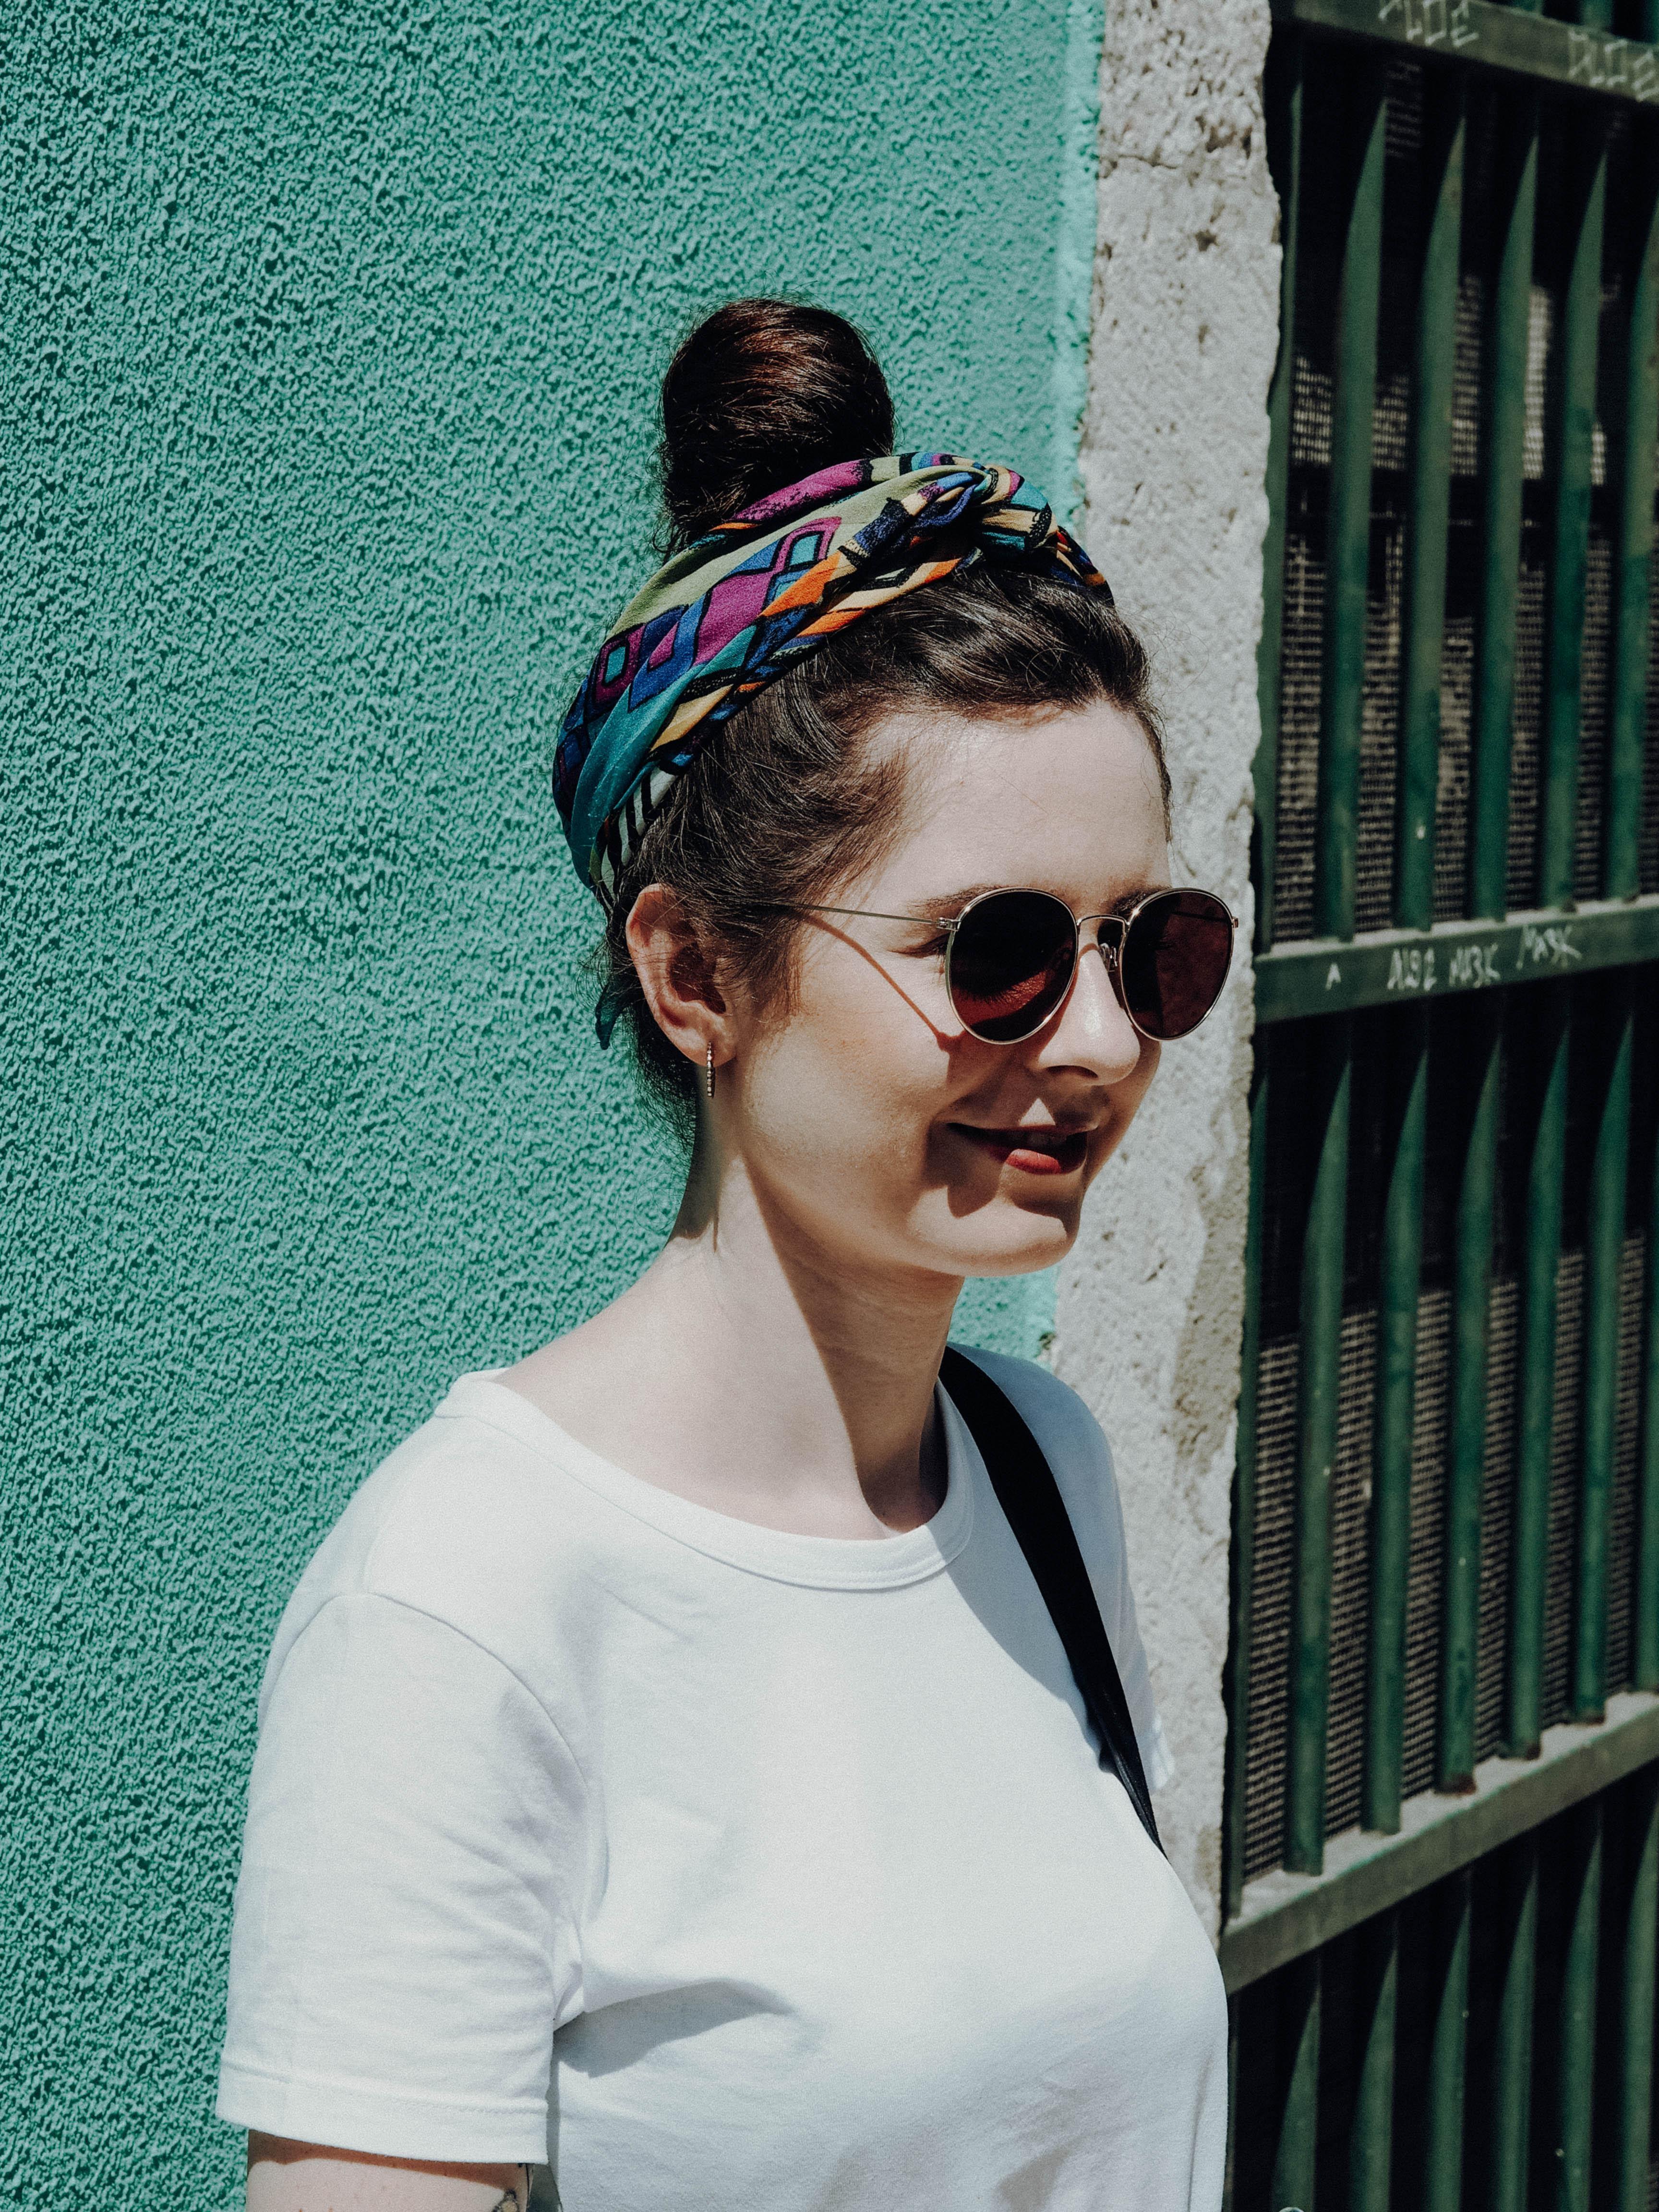 Haarband Frisuren Styling Mit Jeder Haarlänge